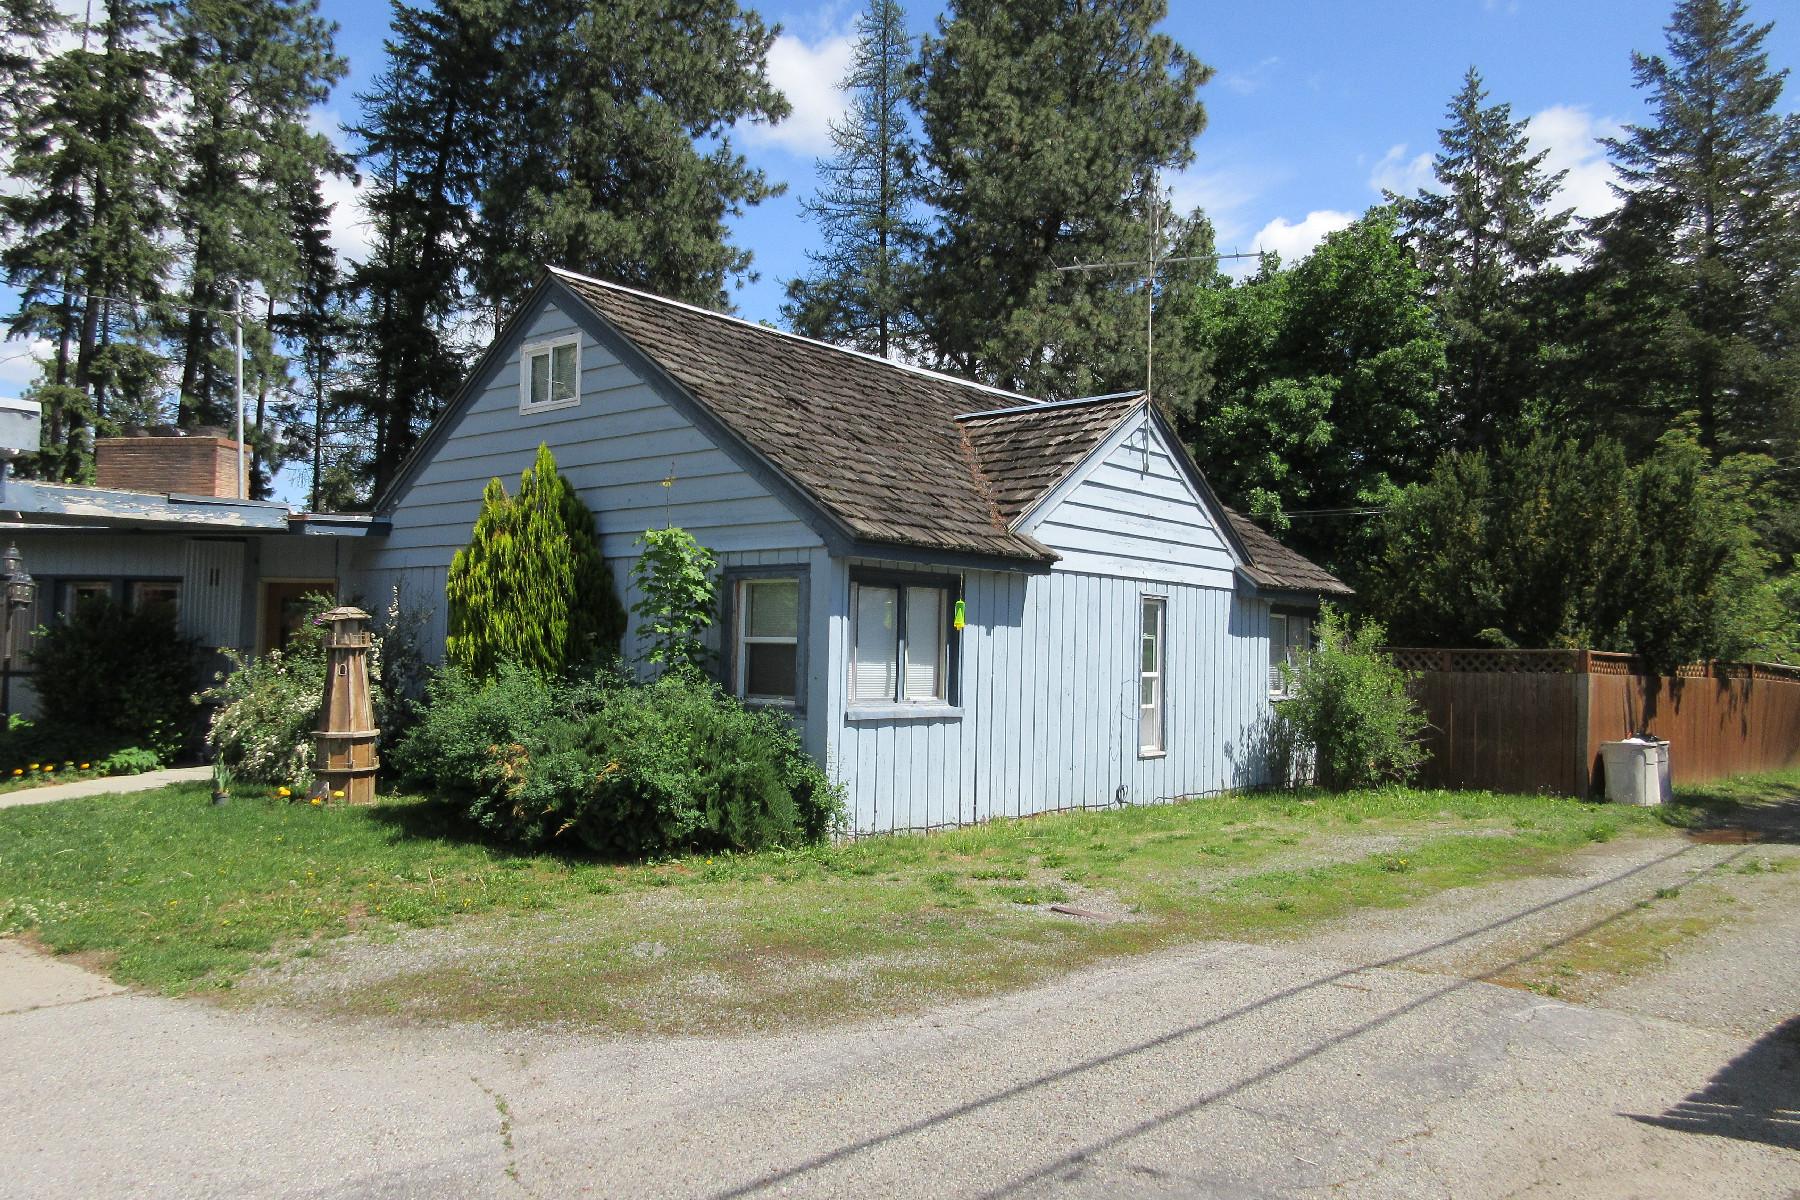 Moradia para Venda às Unruh 6537 Jefferson Bonners Ferry, Idaho, 83805 Estados Unidos